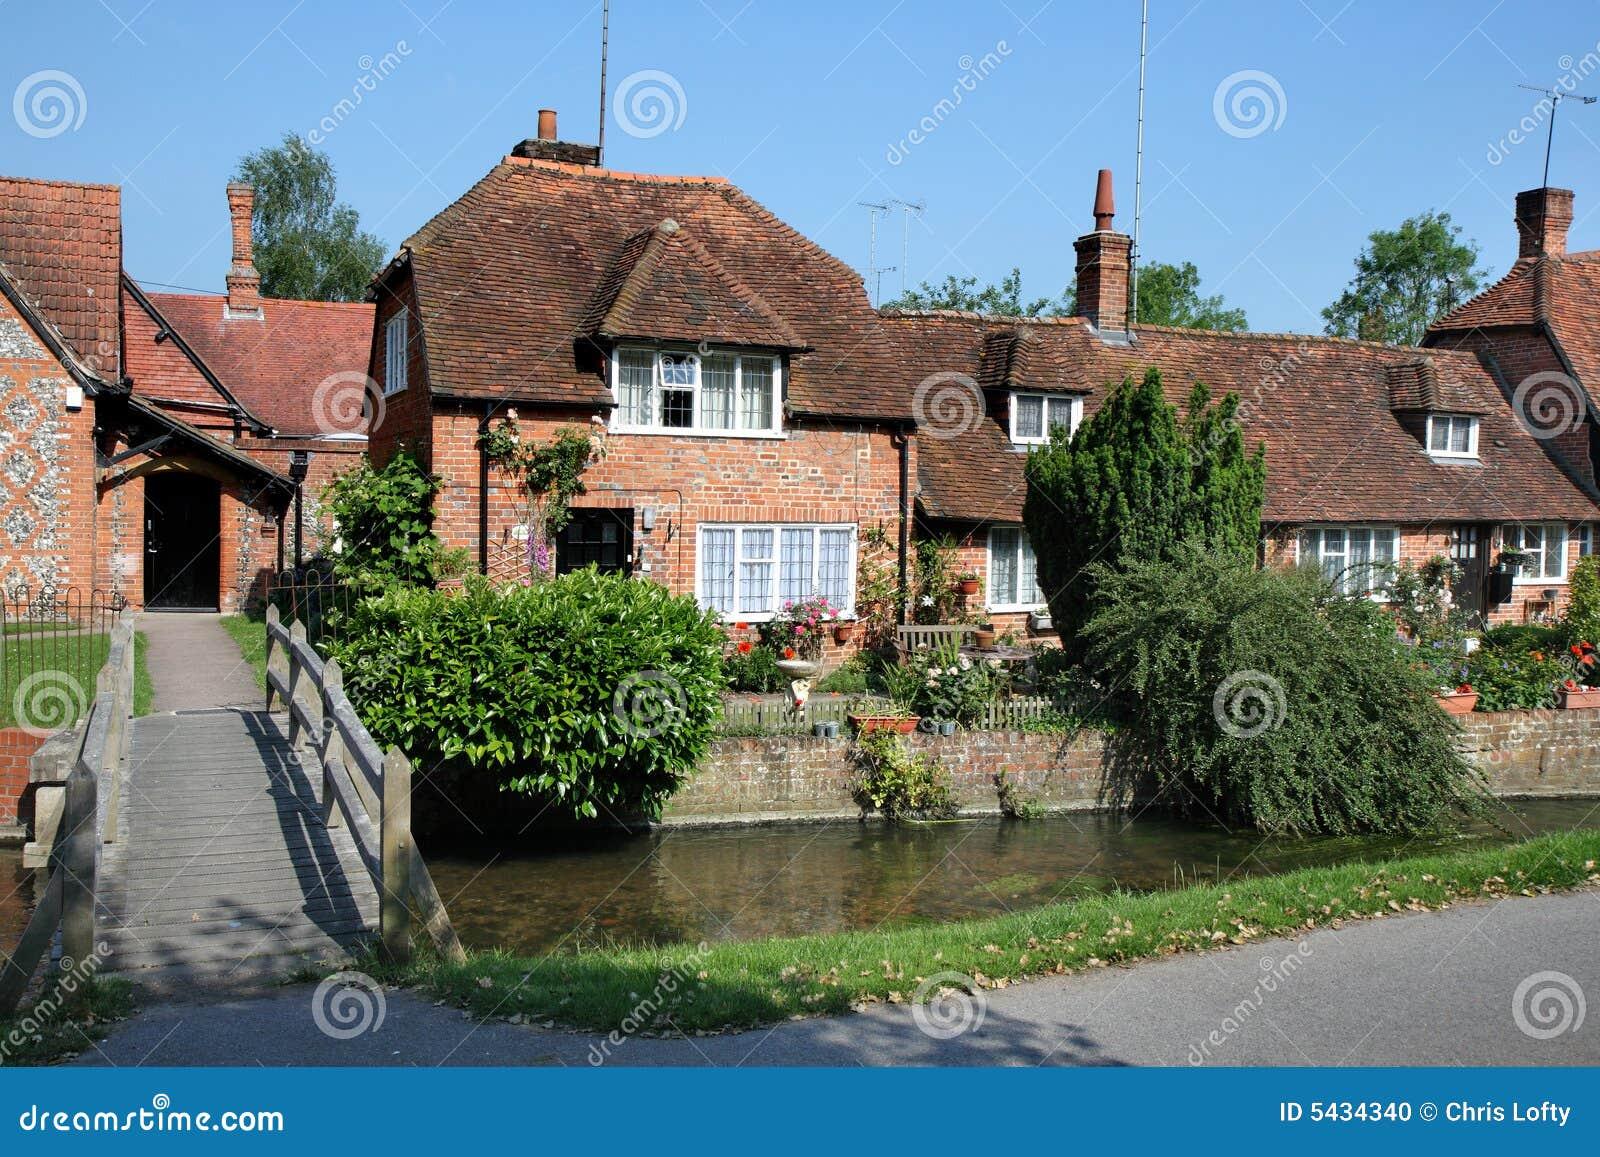 Casas inglesas tradicionales de la aldea foto de archivo imagen 5434340 - Imagenes de casas inglesas ...